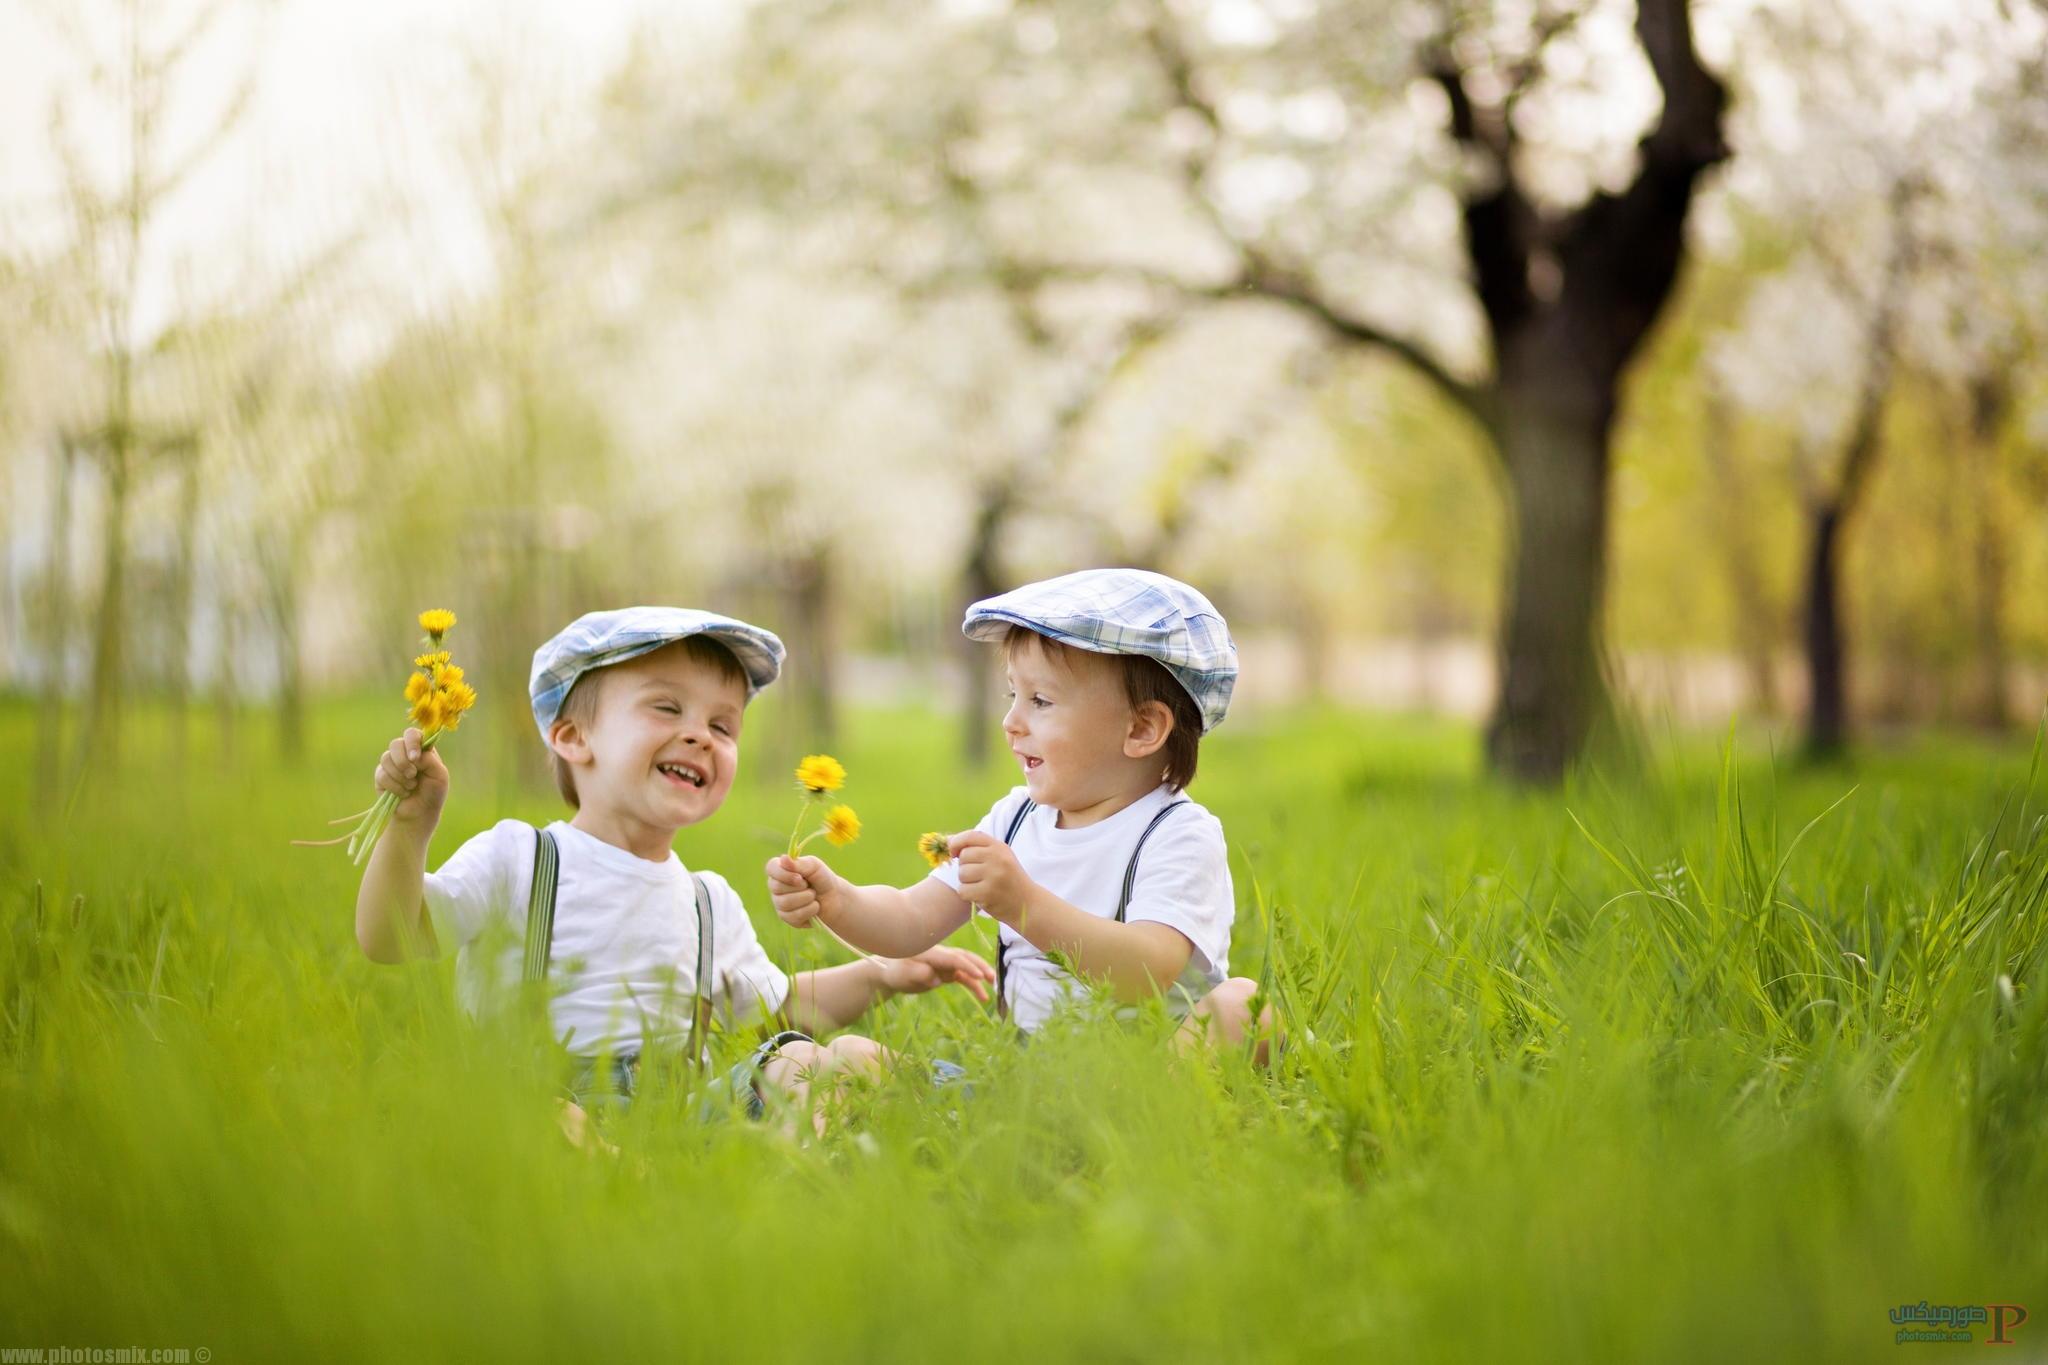 صور اطفال يلعبون 5